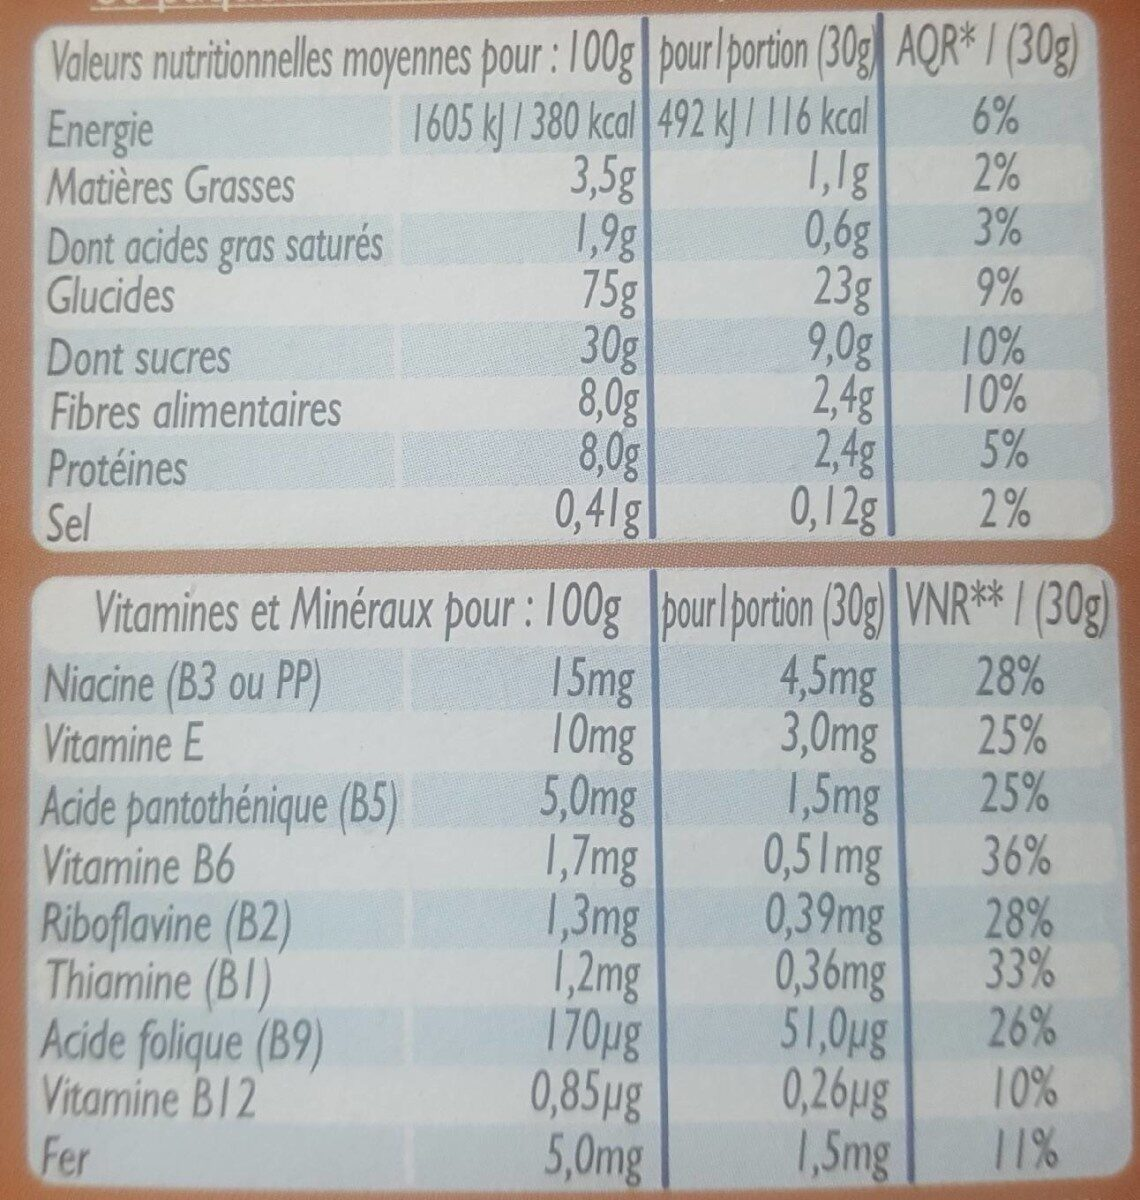 Céréales Croc cooki - Informations nutritionnelles - fr